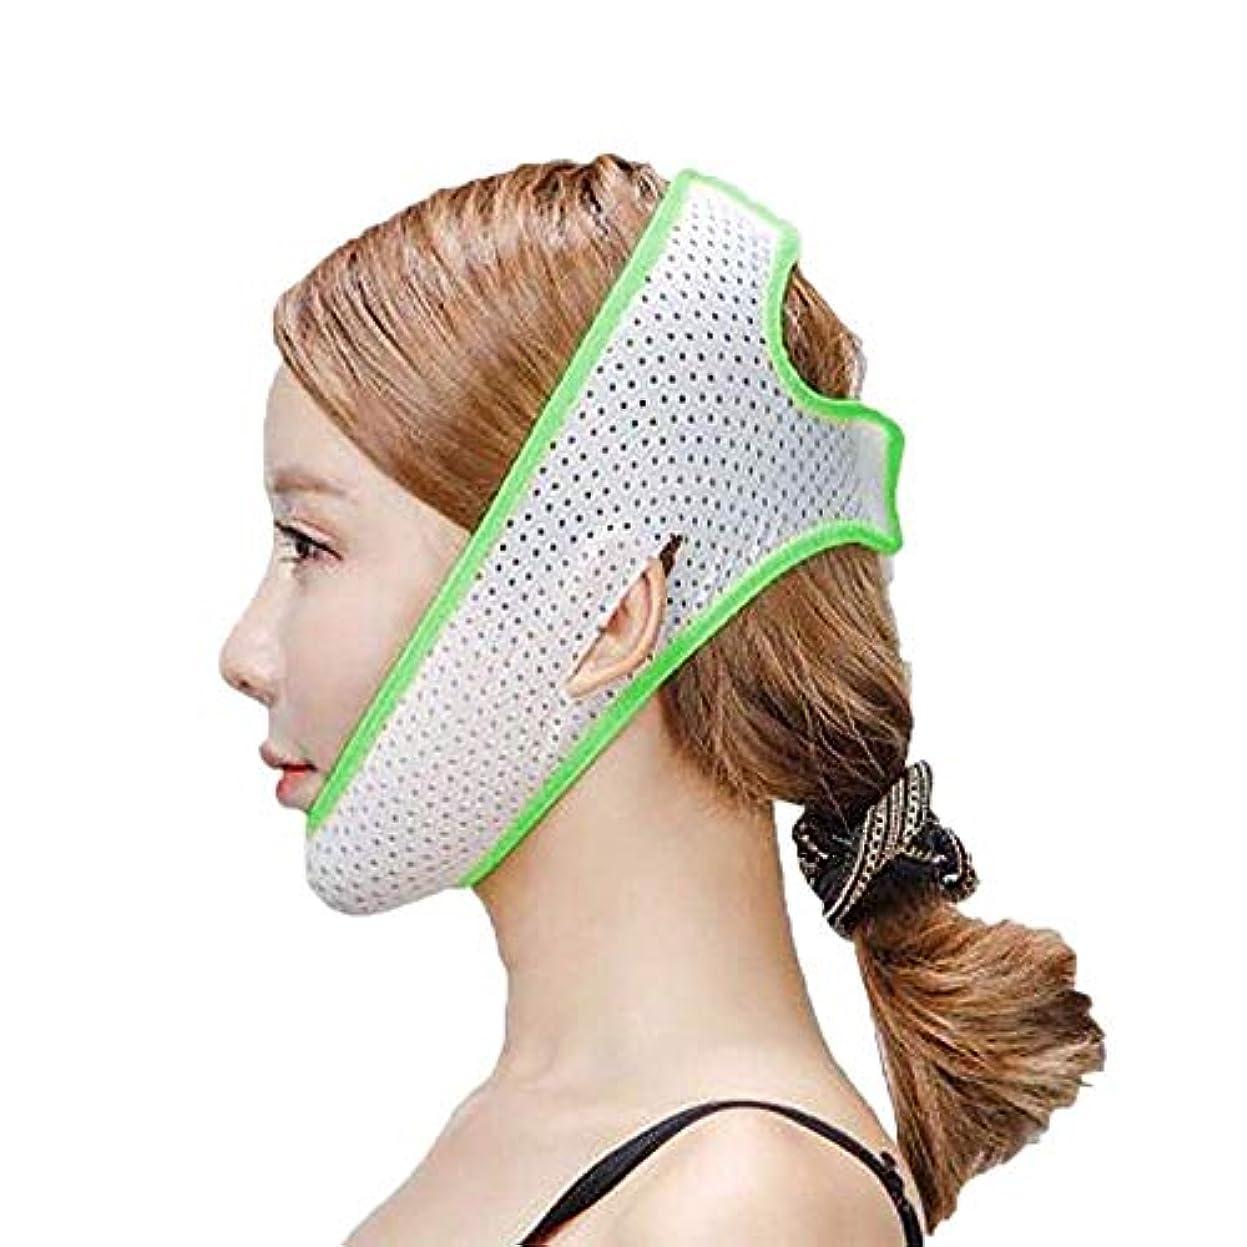 オーバーラン利用可能お別れフェイスリフトマスク、ダブルチンストラップ、フェイシャル減量マスク、フェイシャルダブルチンケアスリミングマスク、リンクルマスク(フリーサイズ)(カラー:ブラック),緑